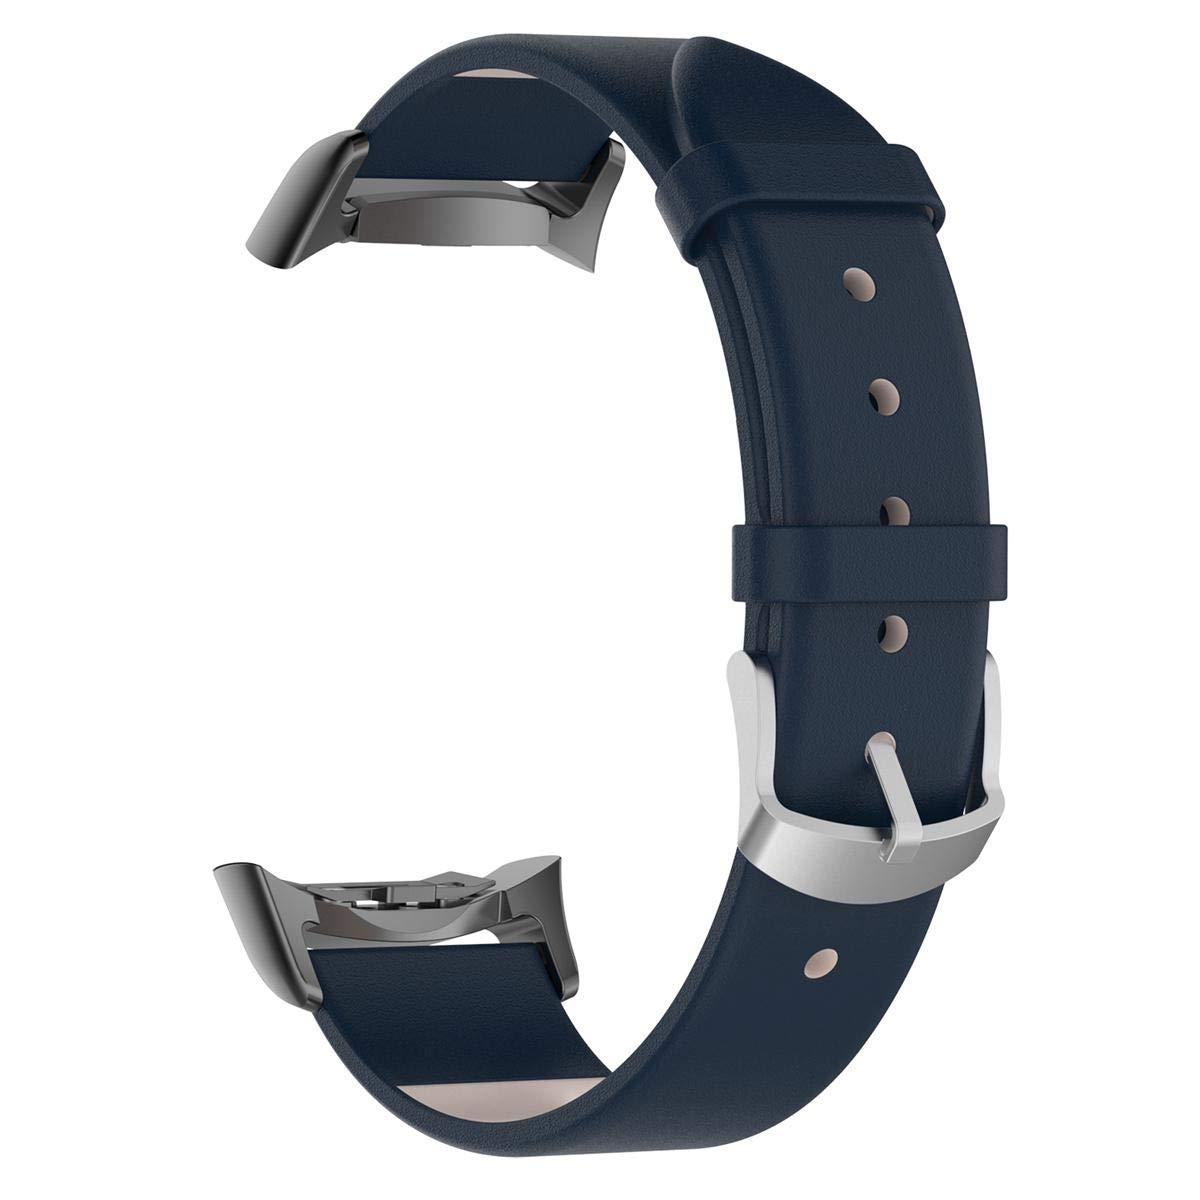 KOBWA Bracelet de Montre Samsung Fit Gear 2 Fit Pro R360 R365 Bracelet de Montre en Cuir de Remplacement Sport Strap Samsung Fit Gear 2 Fit Pro R360 R365